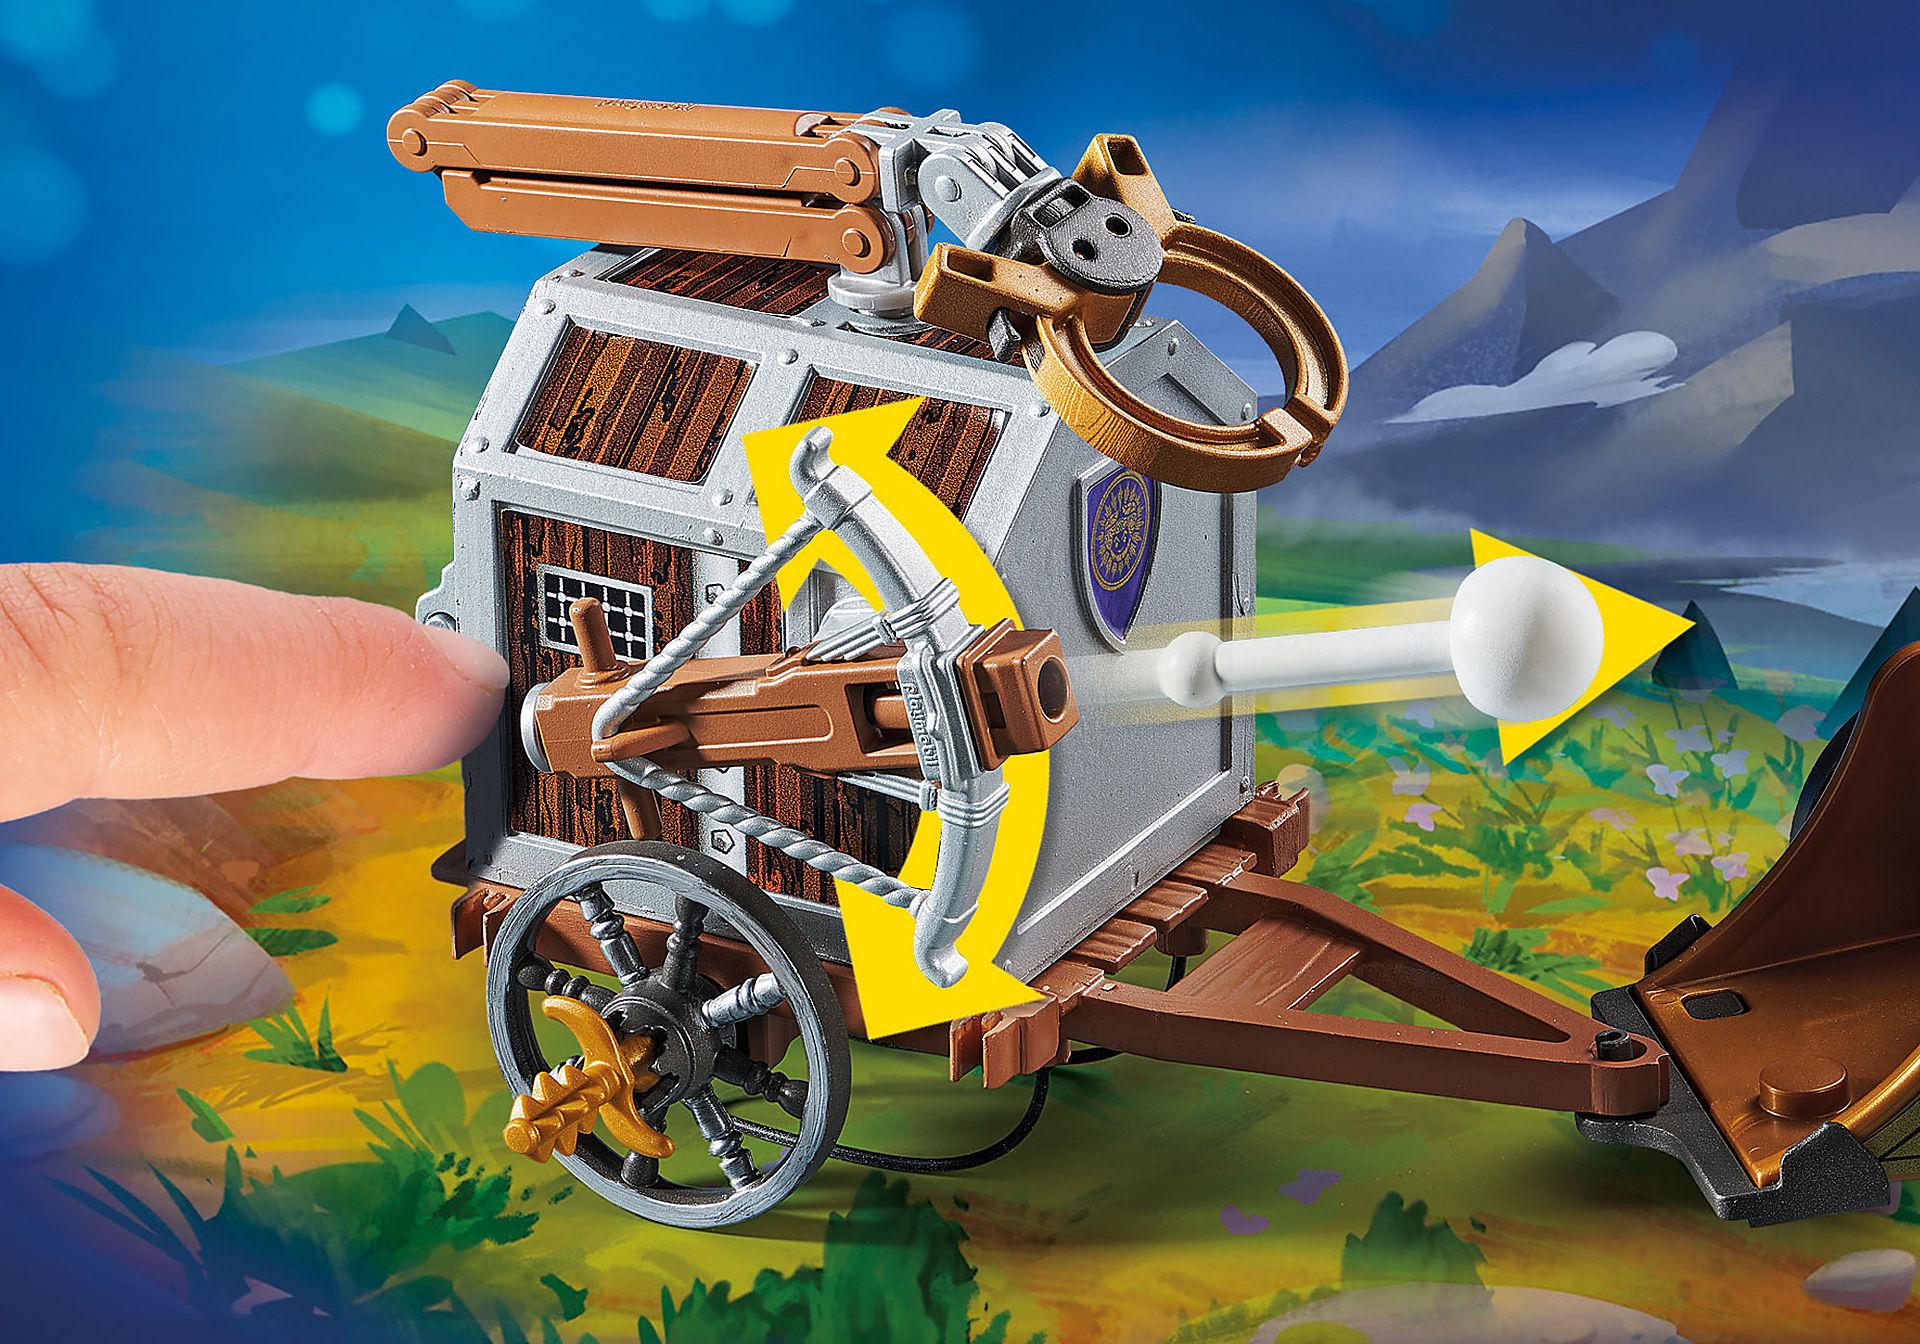 http://media.playmobil.com/i/playmobil/70073_product_extra1/PLAYMOBIL: THE MOVIE Charlie com Carro Prisão